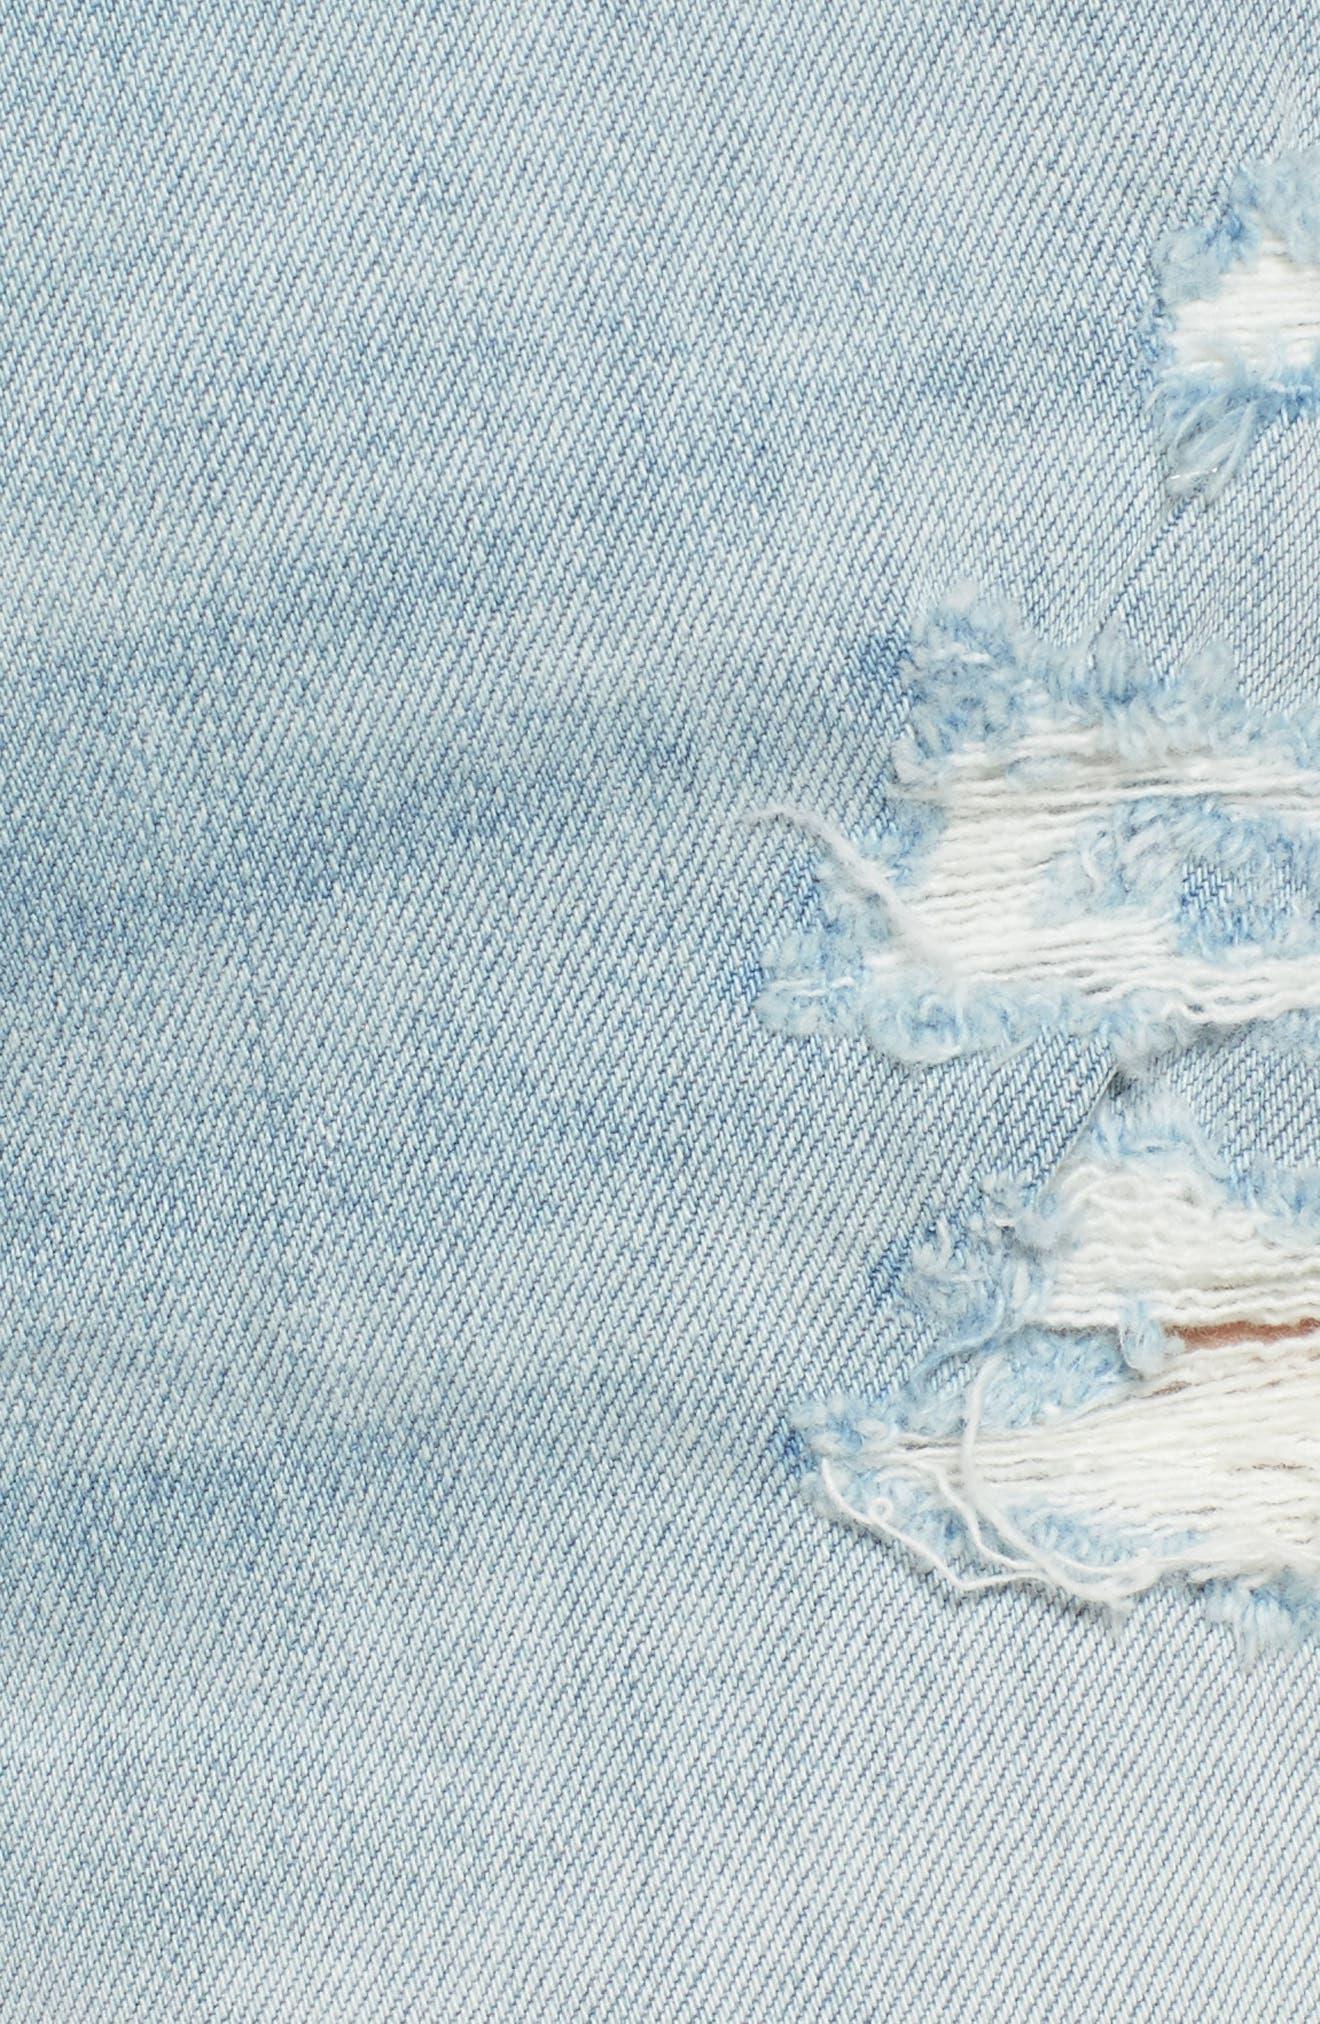 High Waist Boyfriend Cutoff Shorts,                             Alternate thumbnail 6, color,                             400